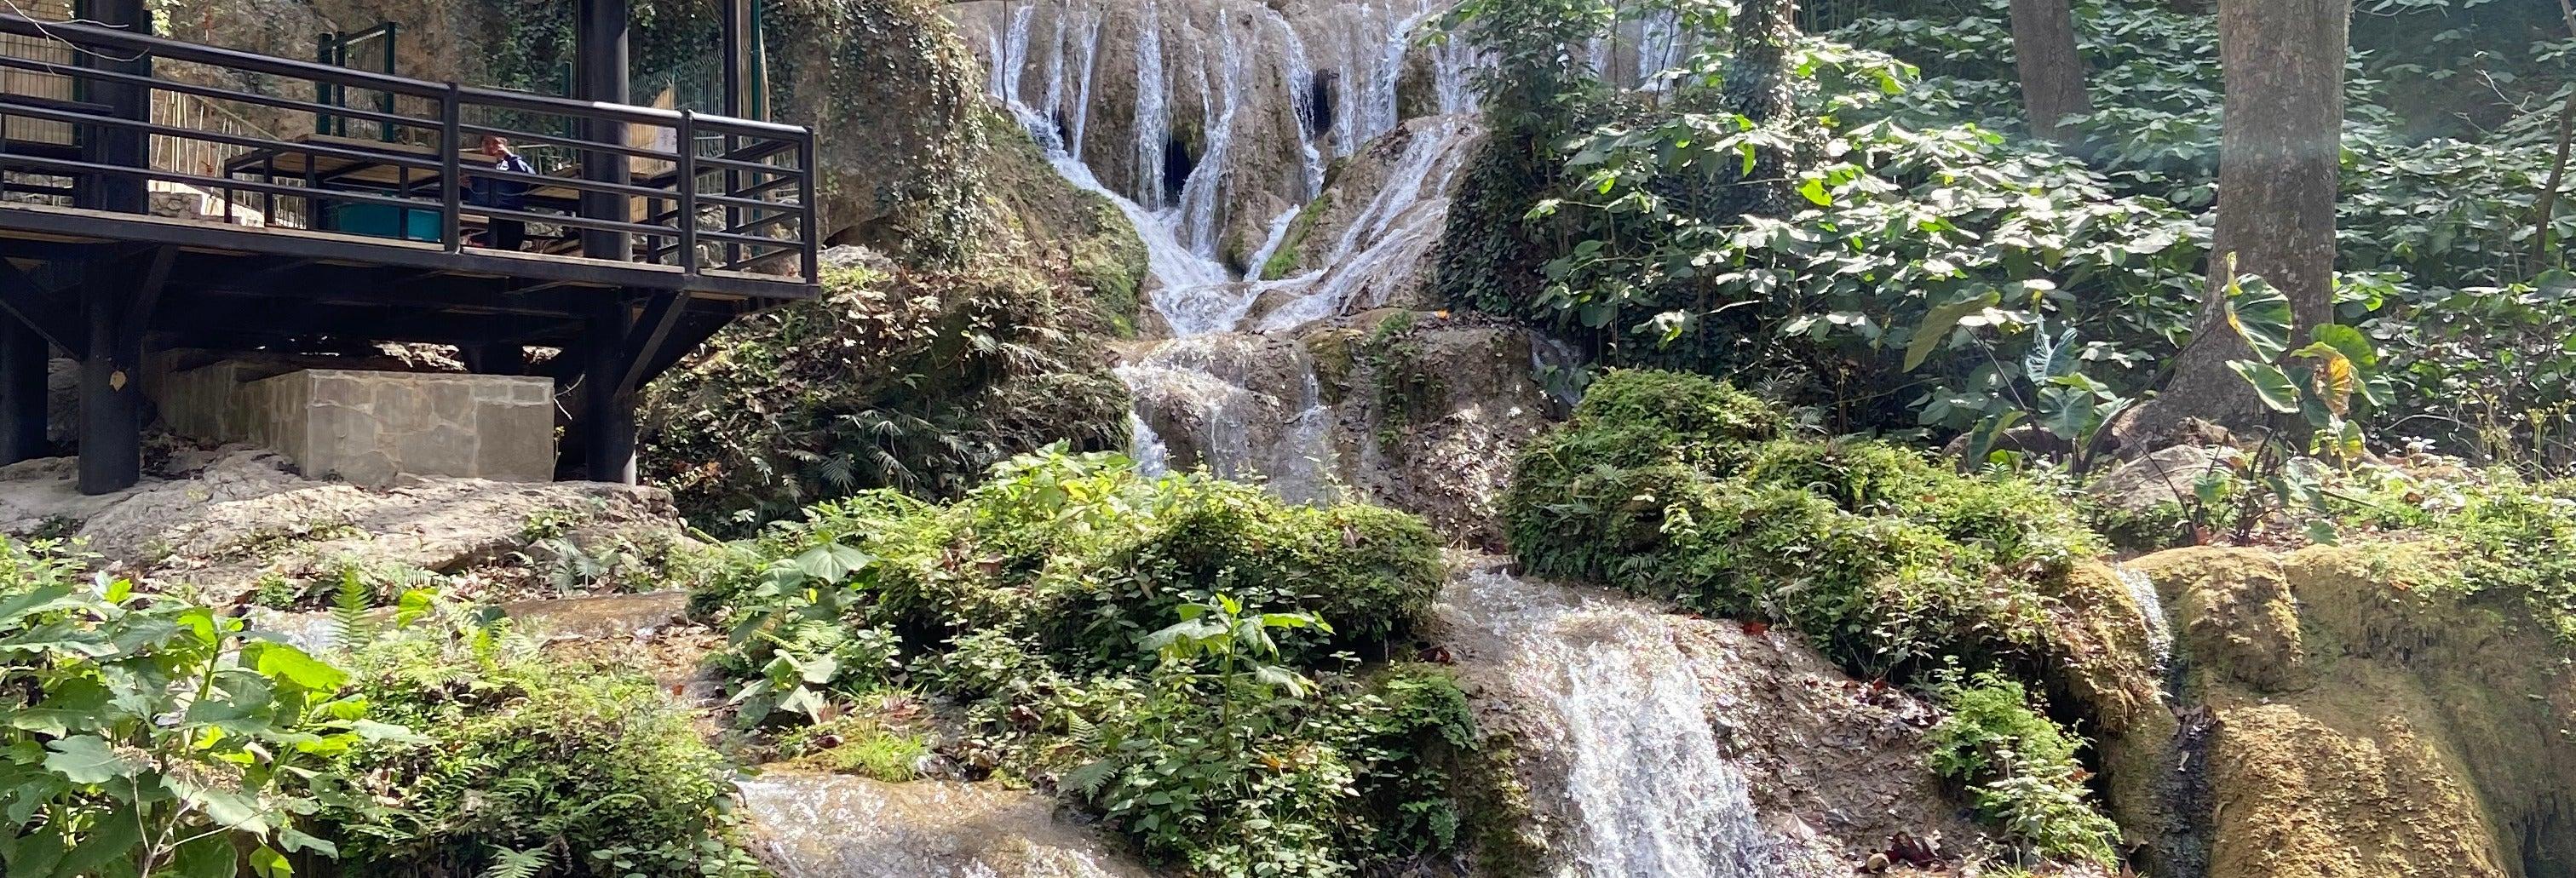 Excursión a la cascada Cola de Caballo